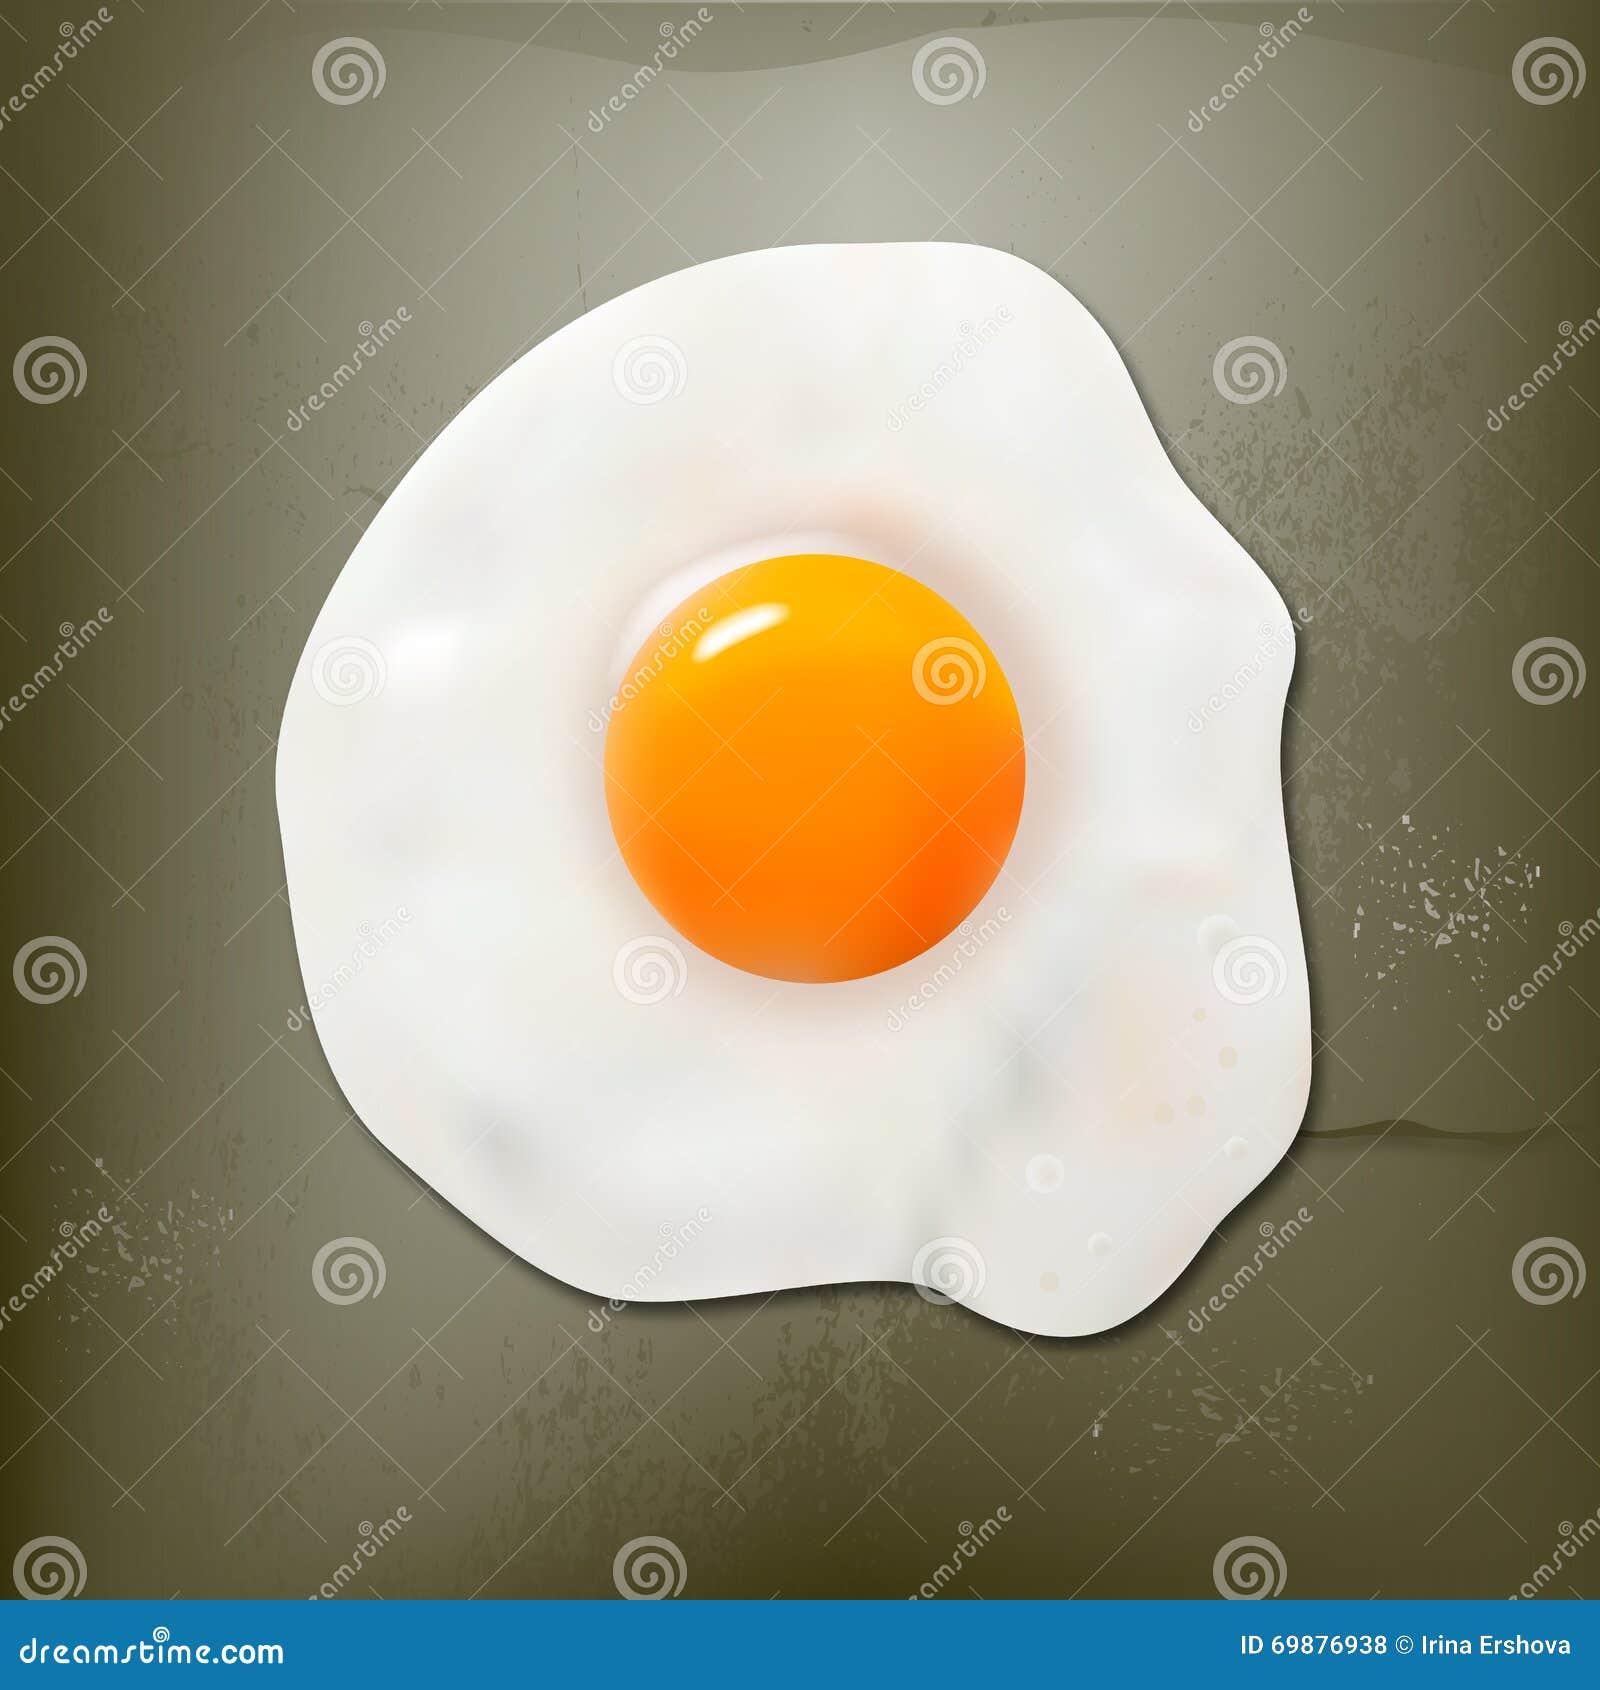 Fried egg on the beton